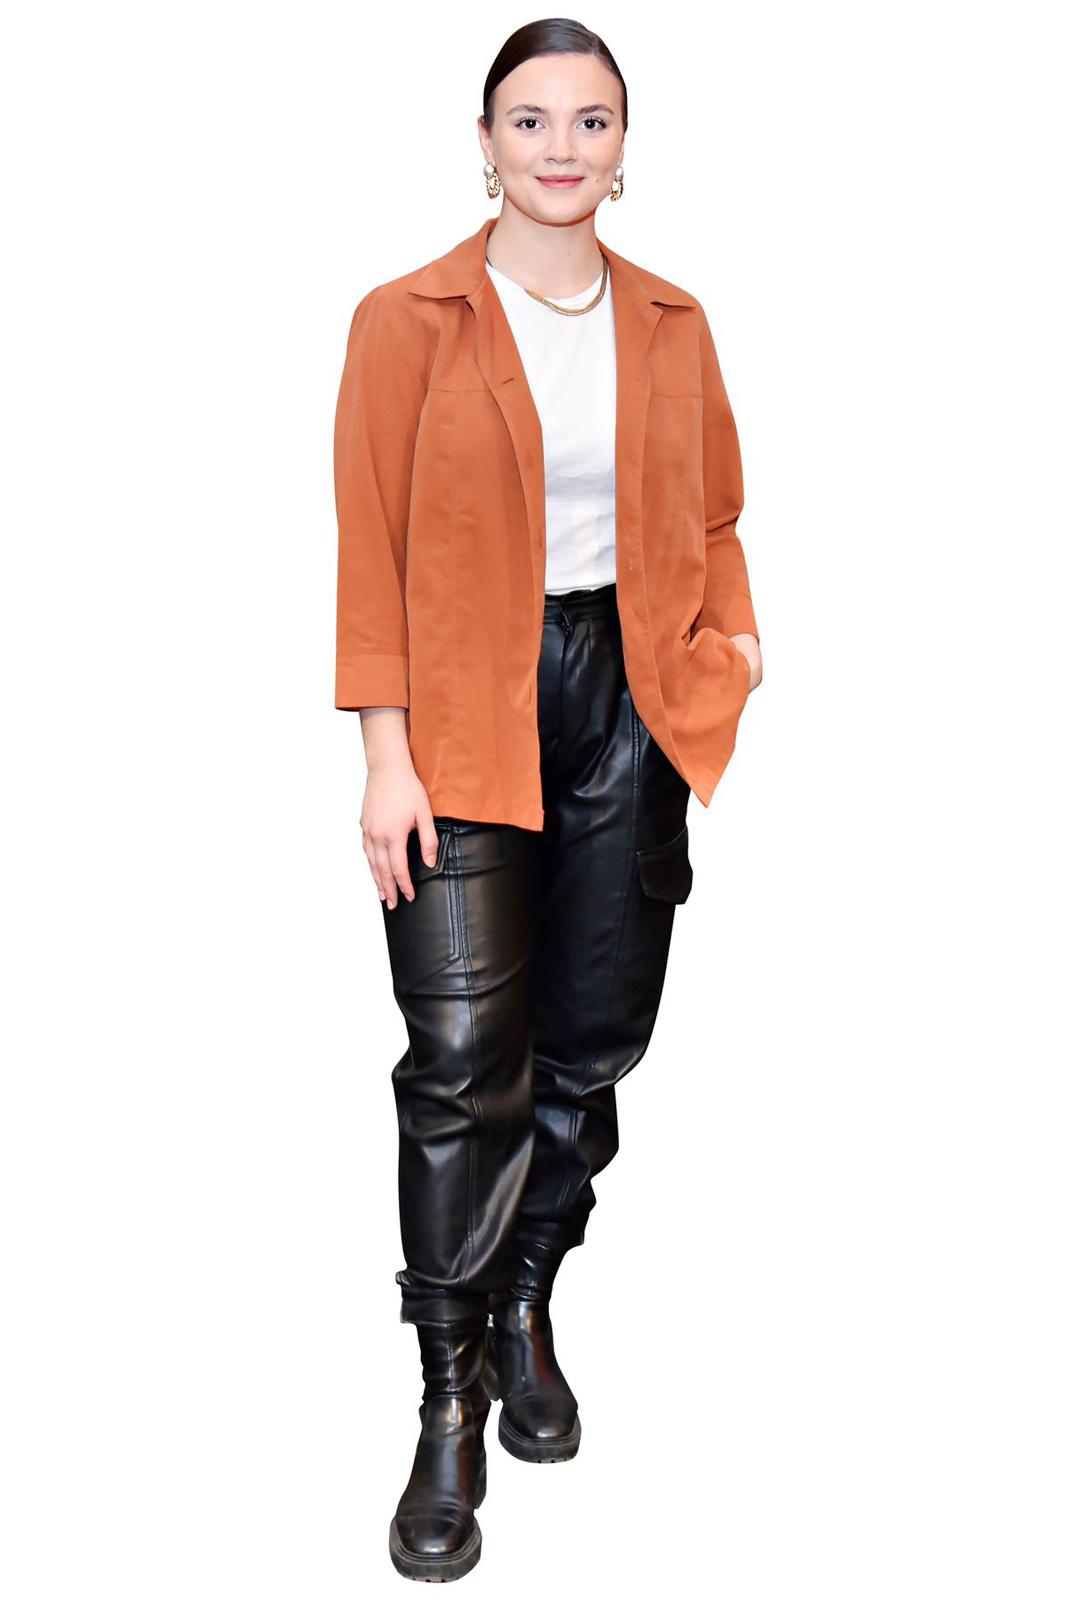 Näyttelijä Linda Manelius.